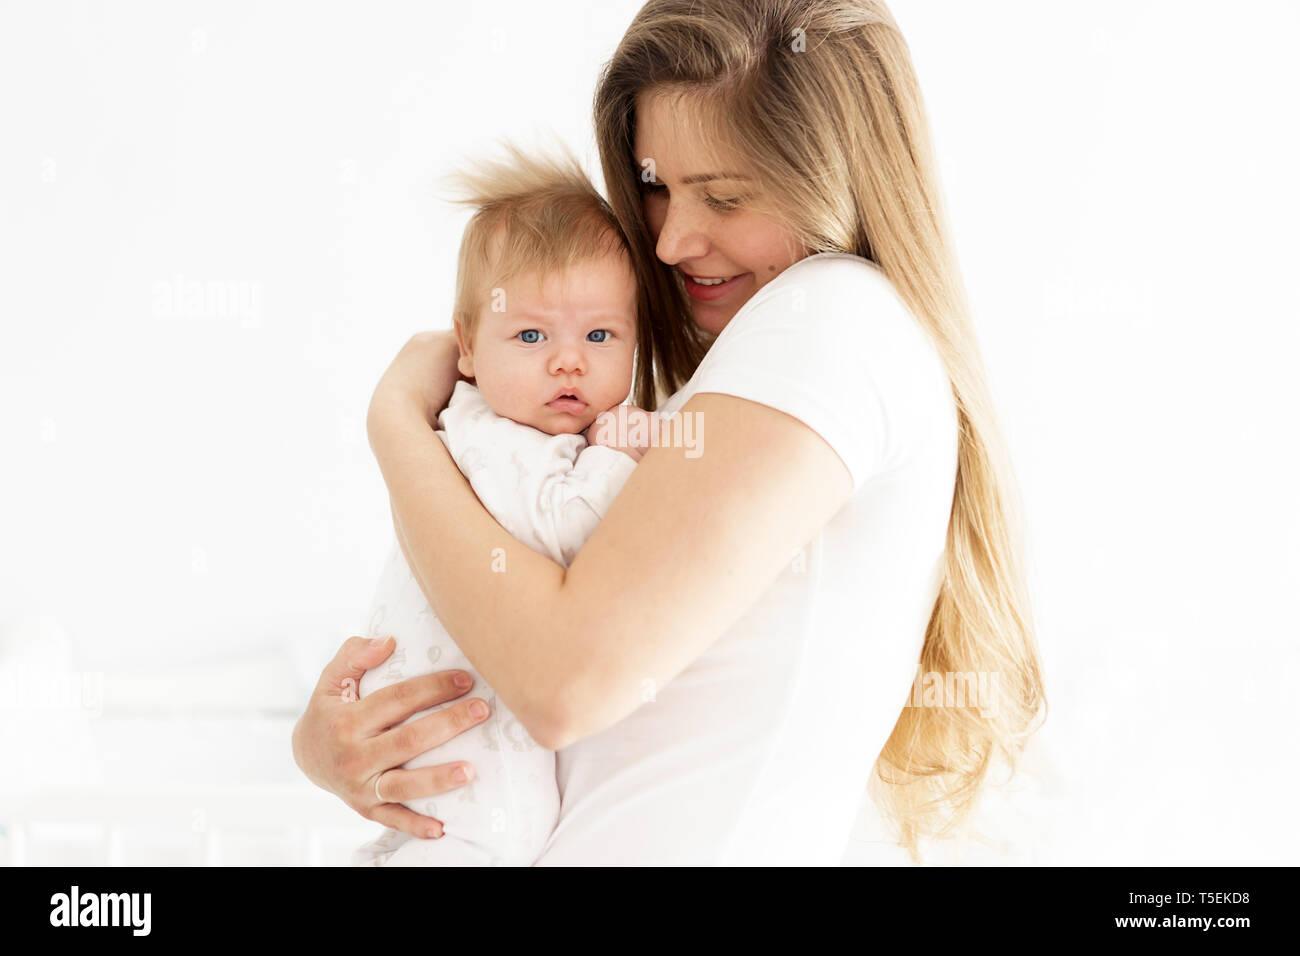 Mutter und Neugeborenes Baby in ihren Armen. Das Konzept des neuen Lebens, der Liebe und der Hilflosigkeit. Lippen bogen Stockbild